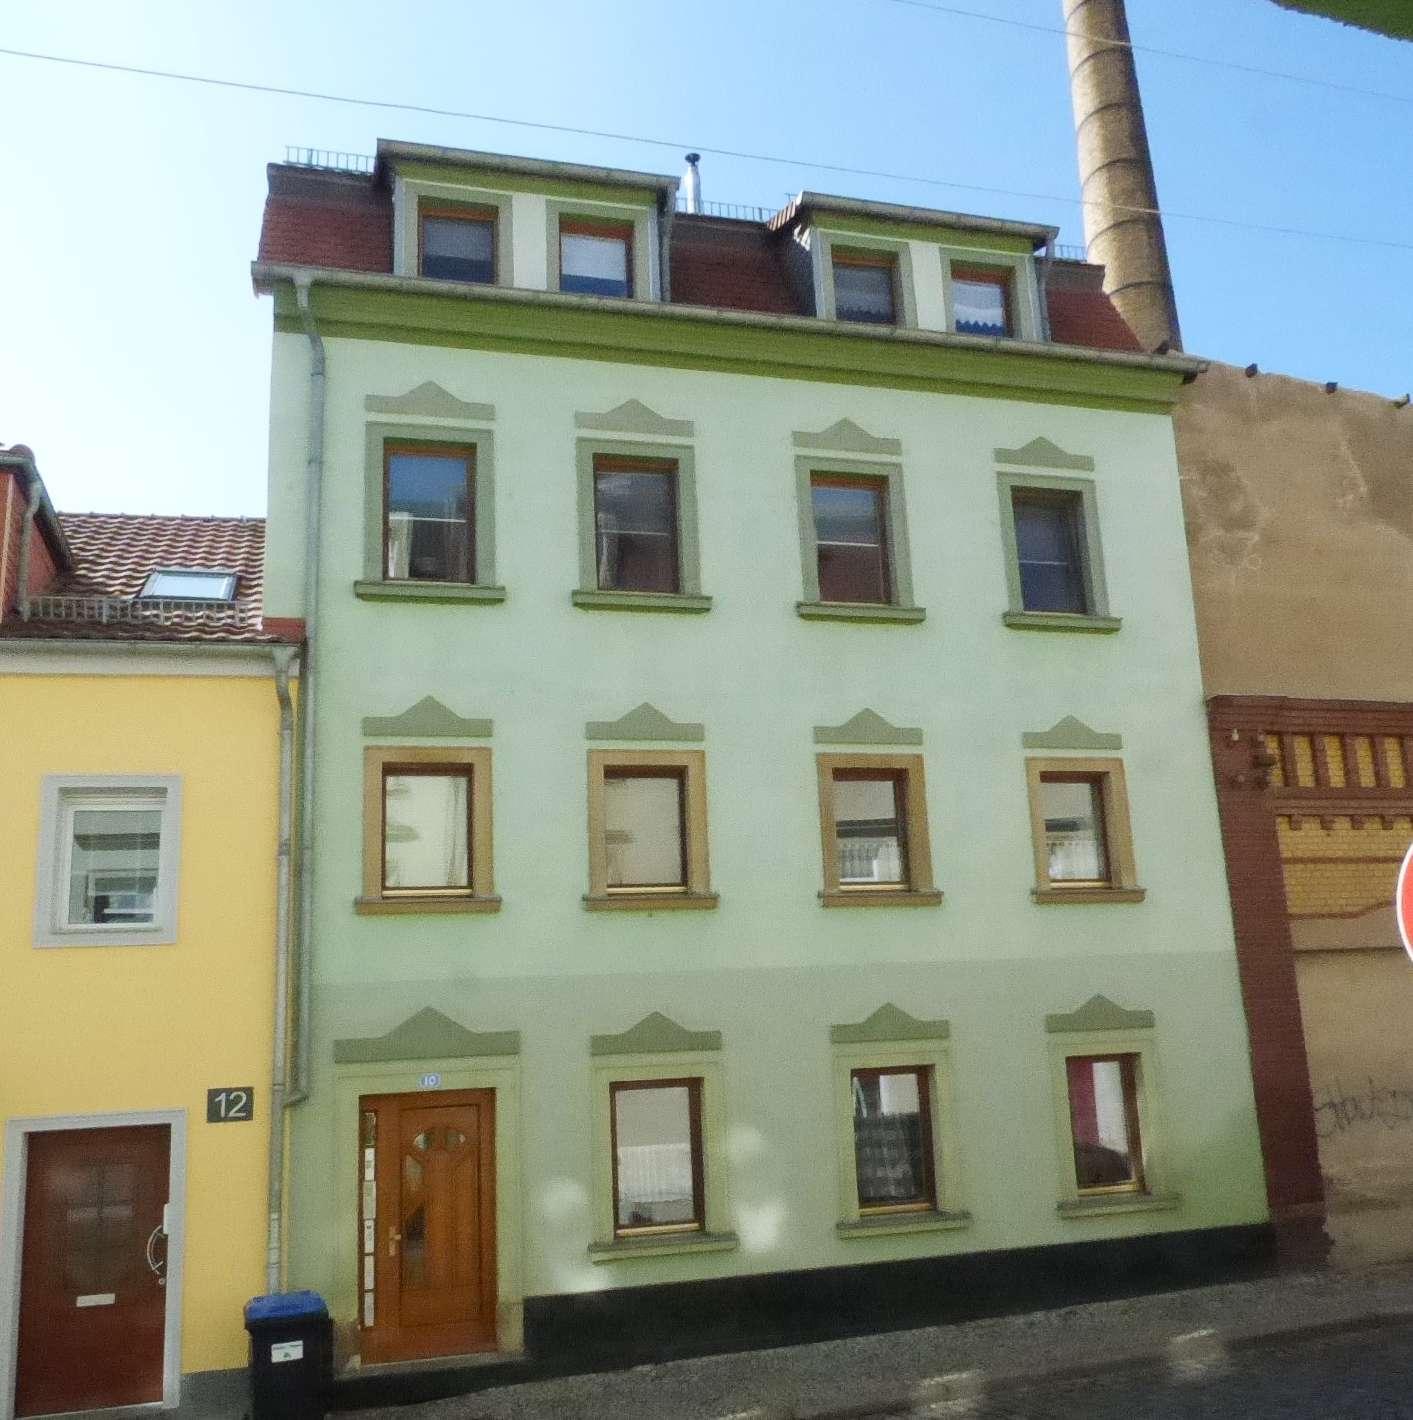 Mehrfamilienhaus mit 5 Wohnungen, Renditeobjekt in Zentrumsnähe - Anlageimmobilie zum Kauf in Riesa